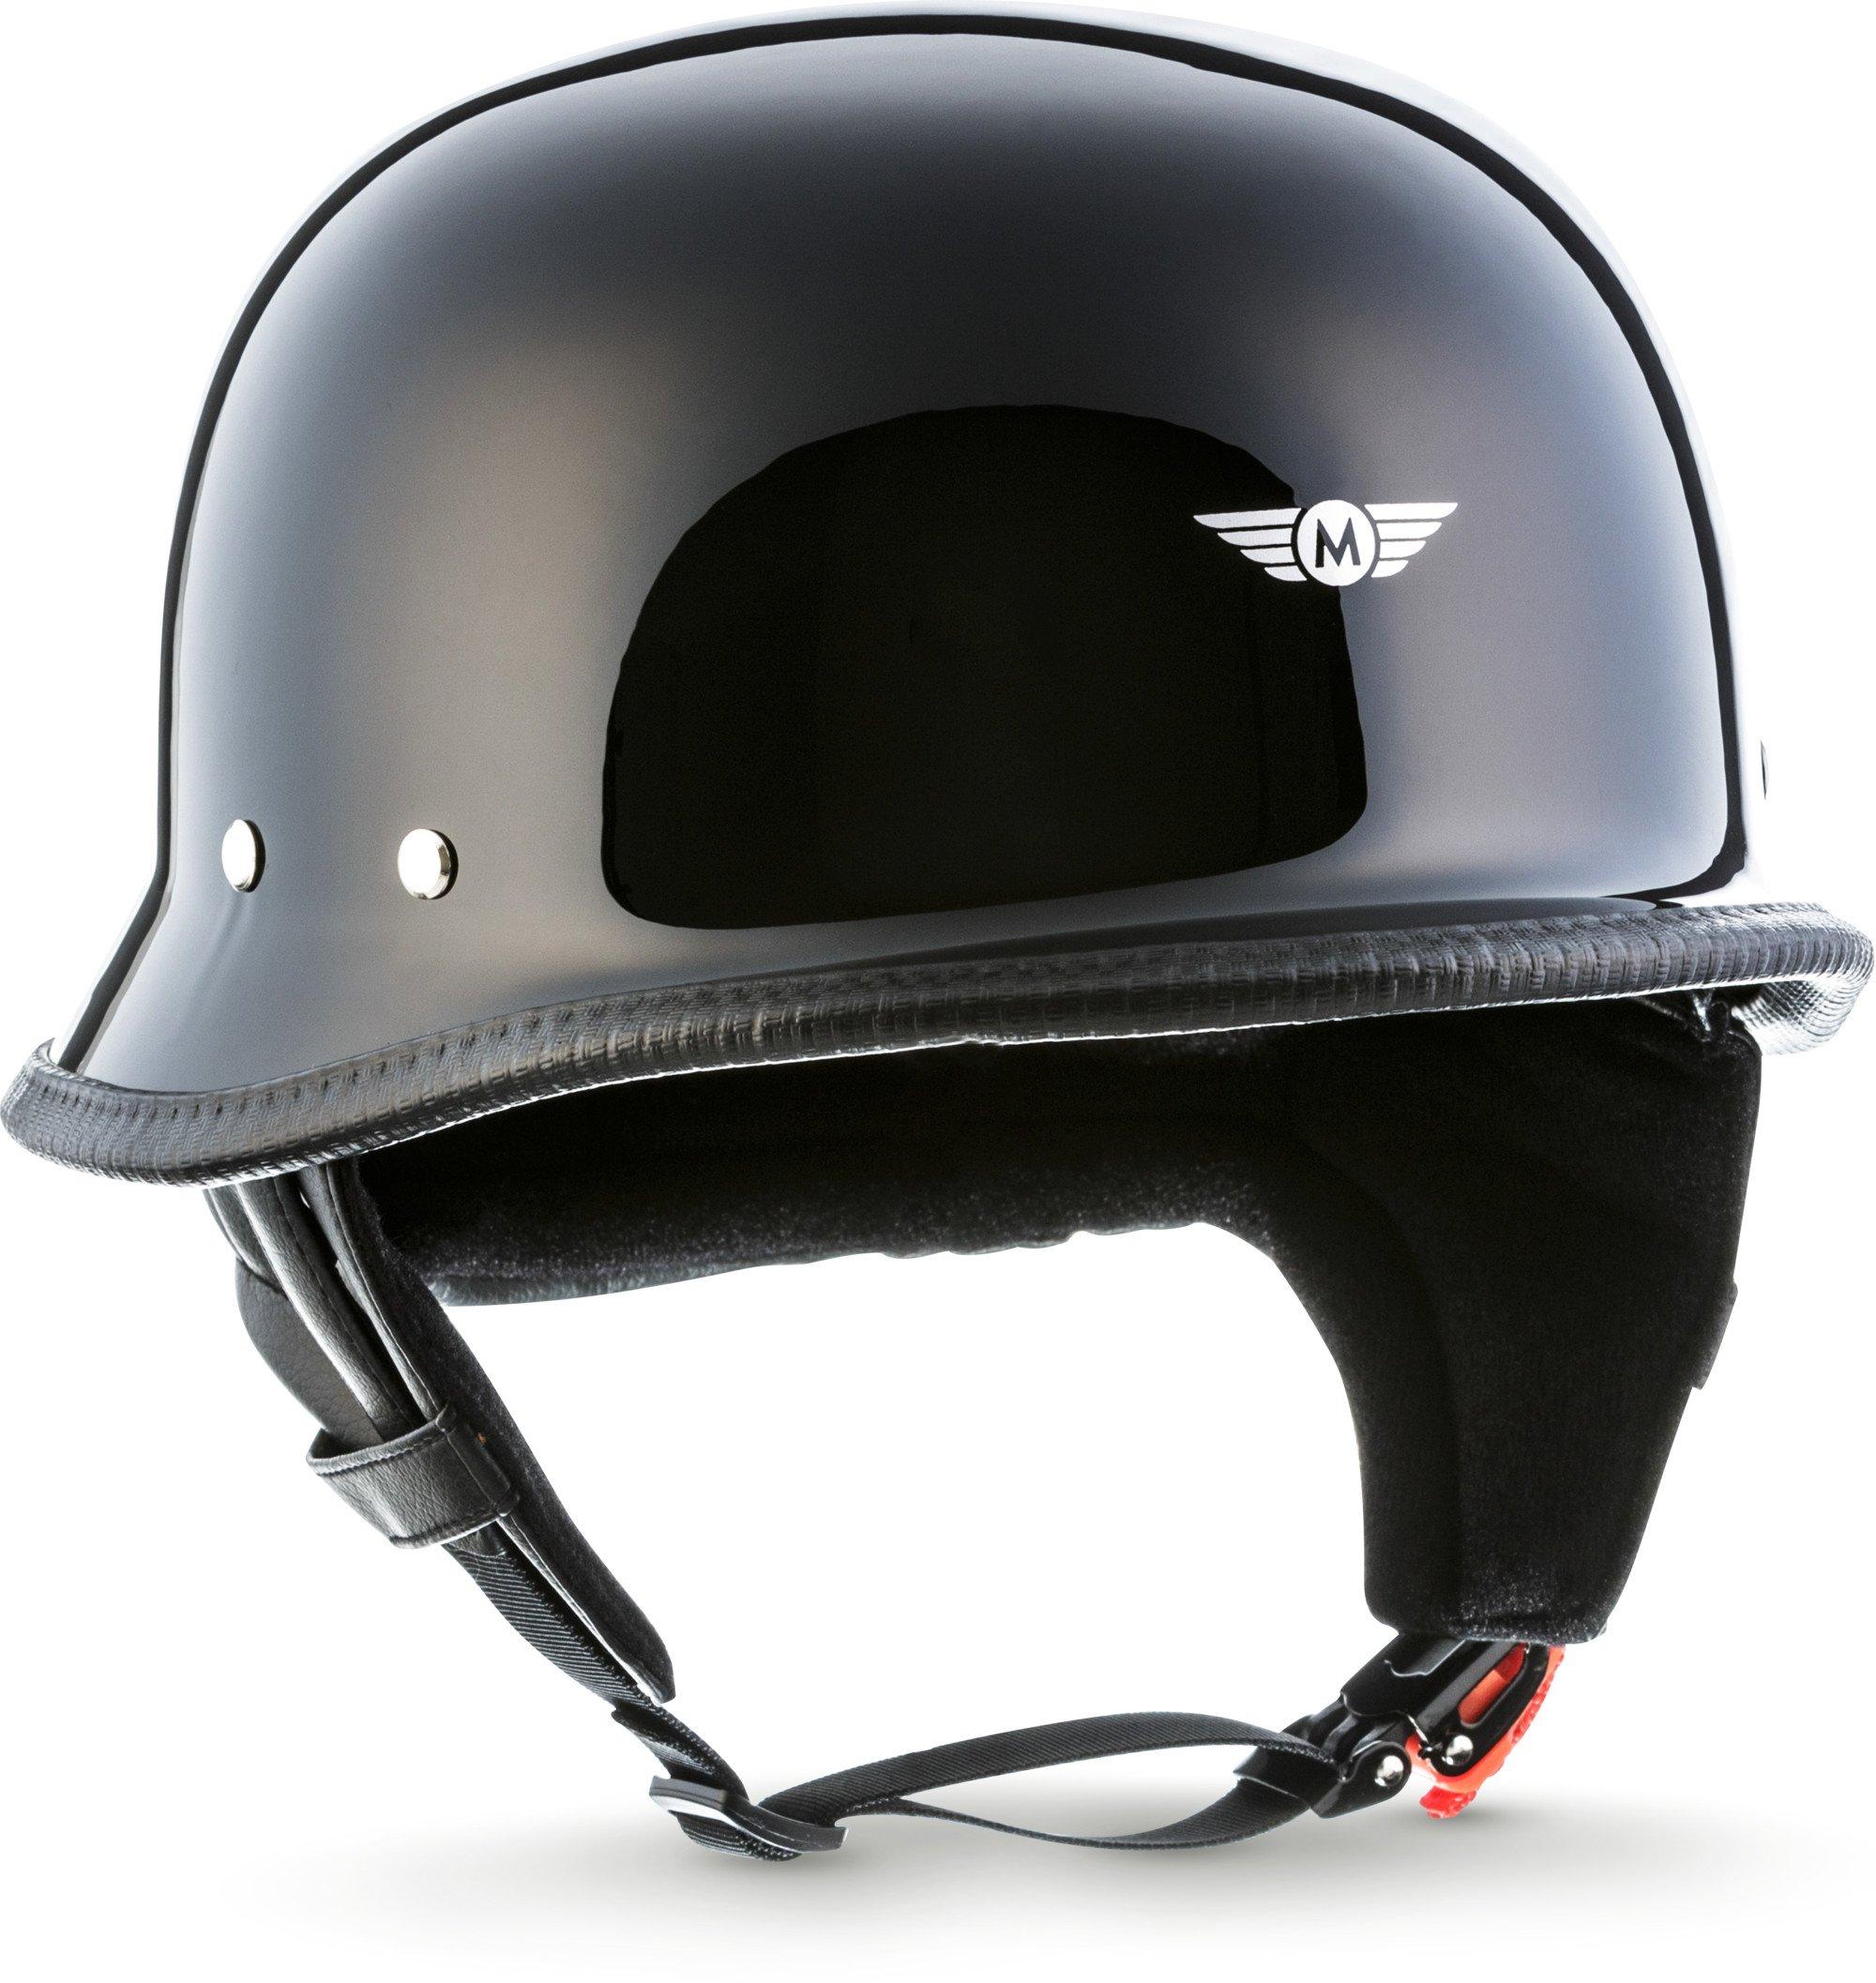 moto d33 black schwarz jet helm braincap bobber. Black Bedroom Furniture Sets. Home Design Ideas